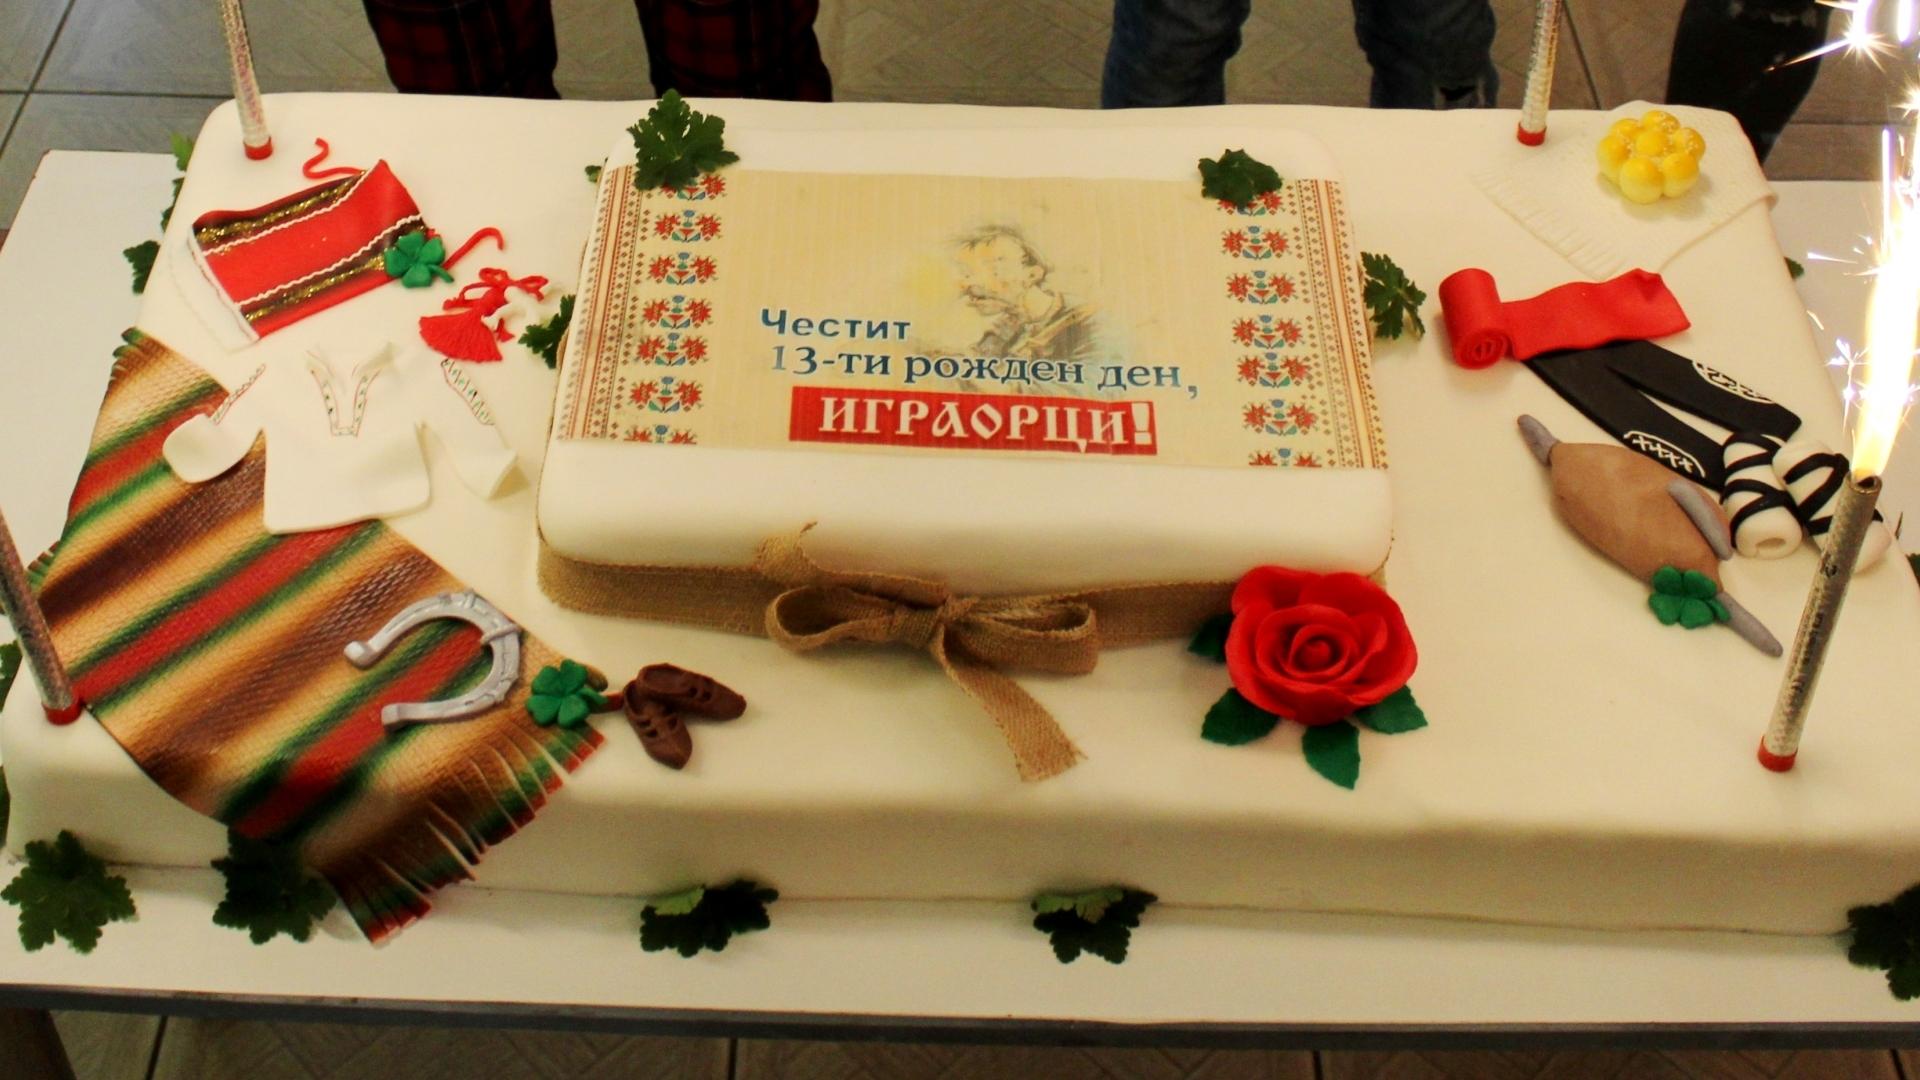 Играорци празнуваха заедно рожден ден в цветовете на българския трикольор